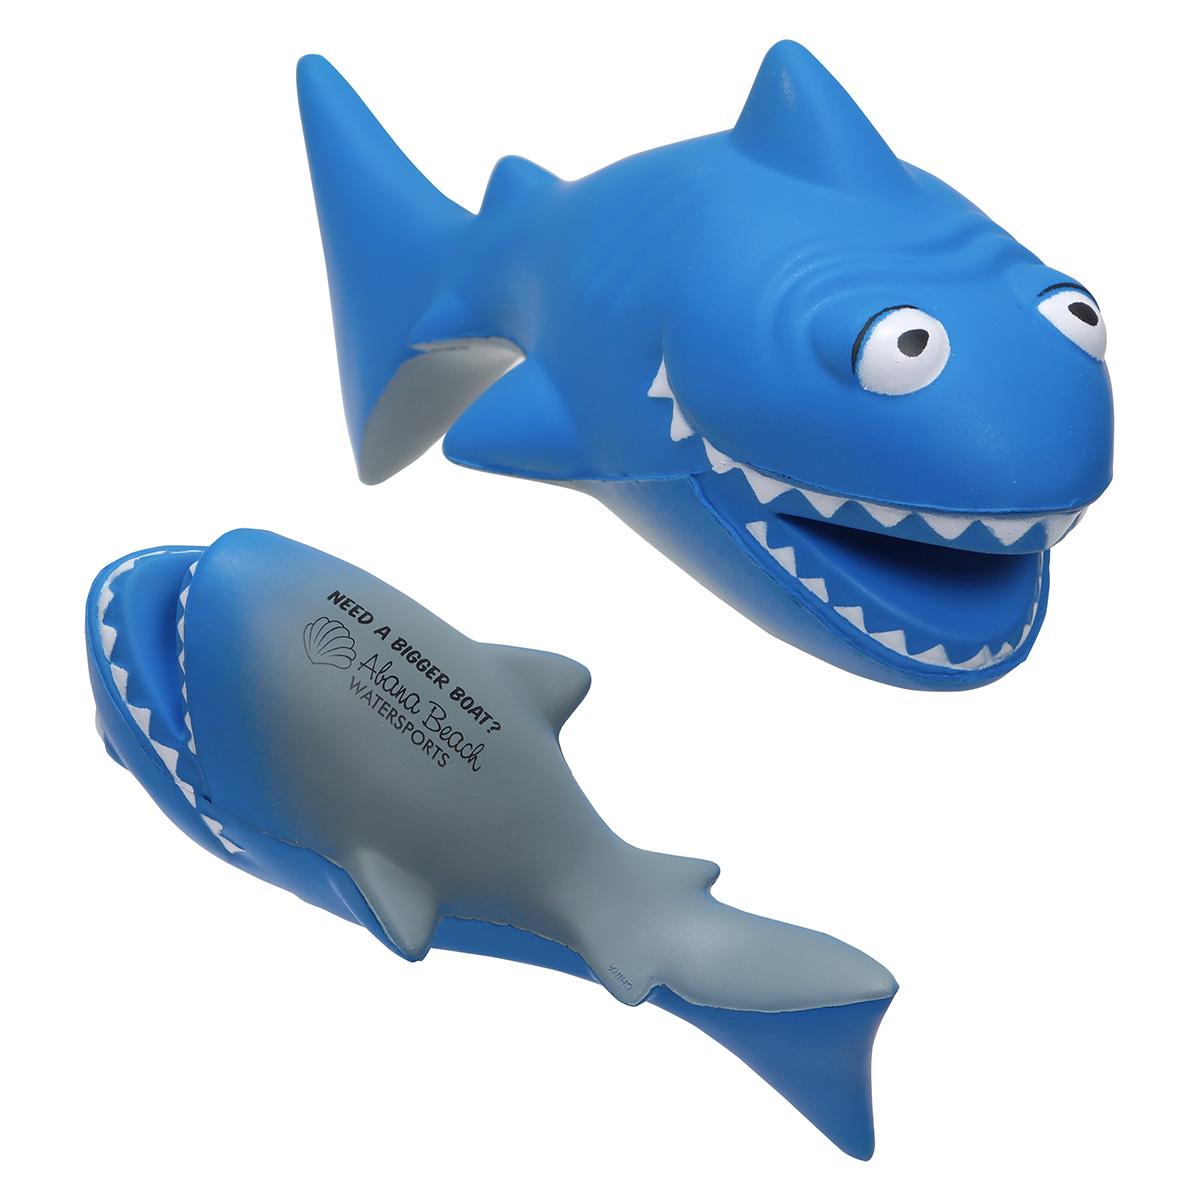 Cartoon Shark Stress Reliever, LFF-SK08 - 1 Colour Imprint